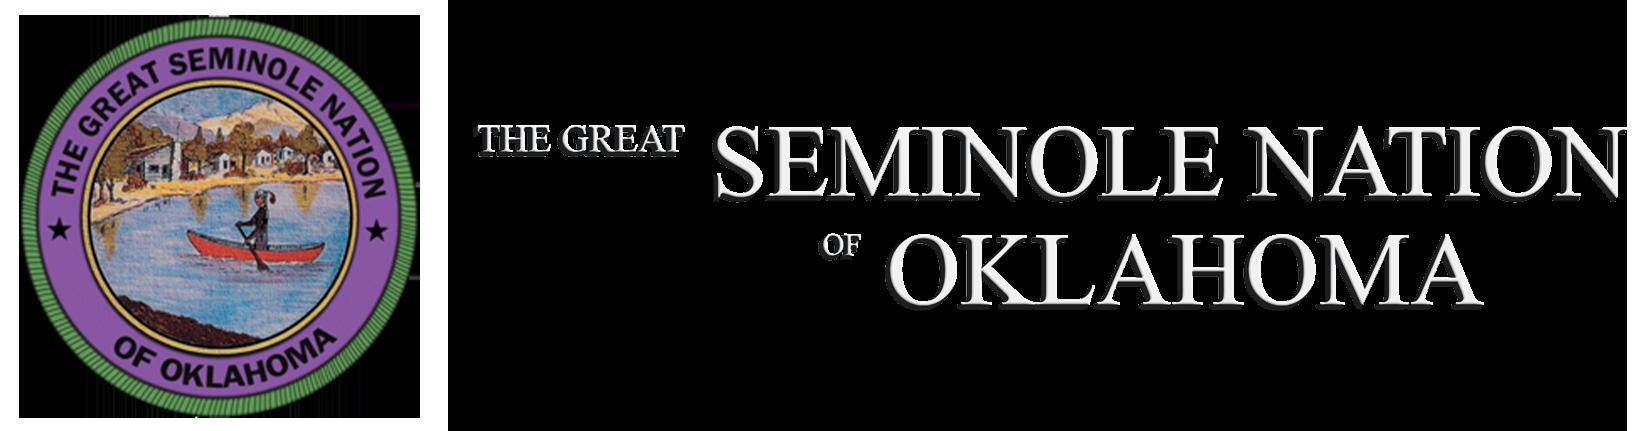 The Seminole Nation of Oklahoma